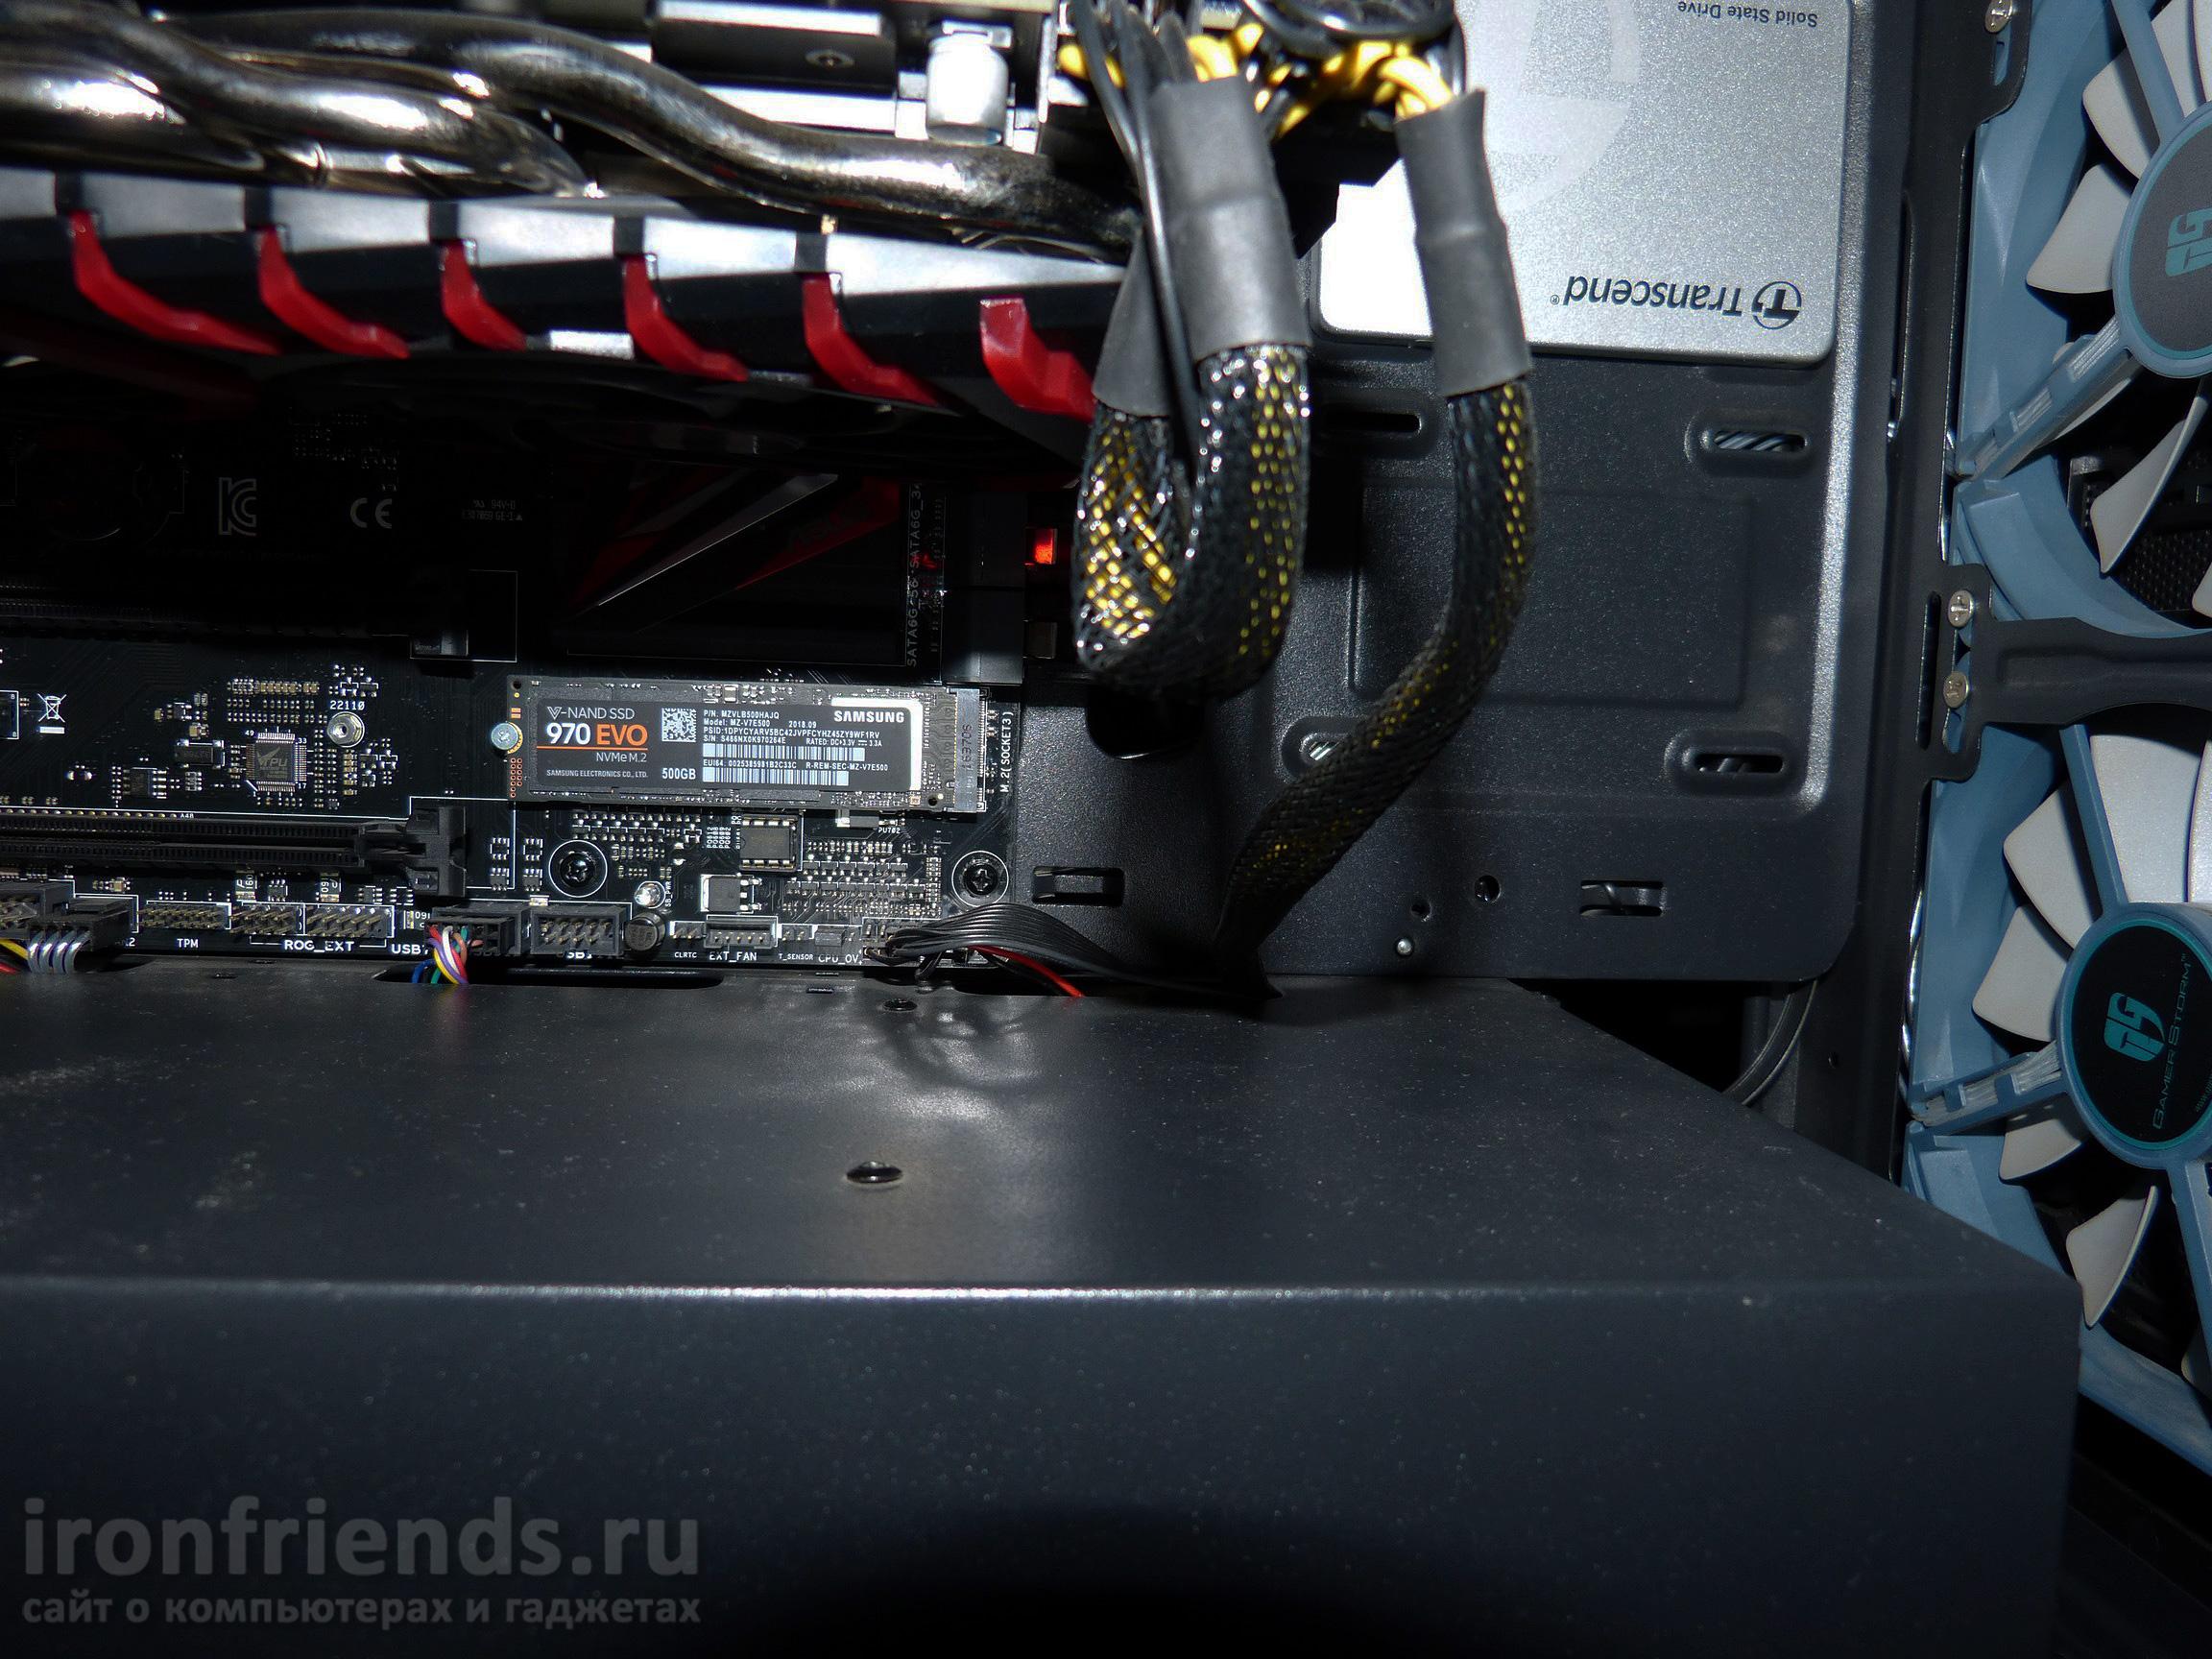 Установка Samsung 970 Evo в компьютер